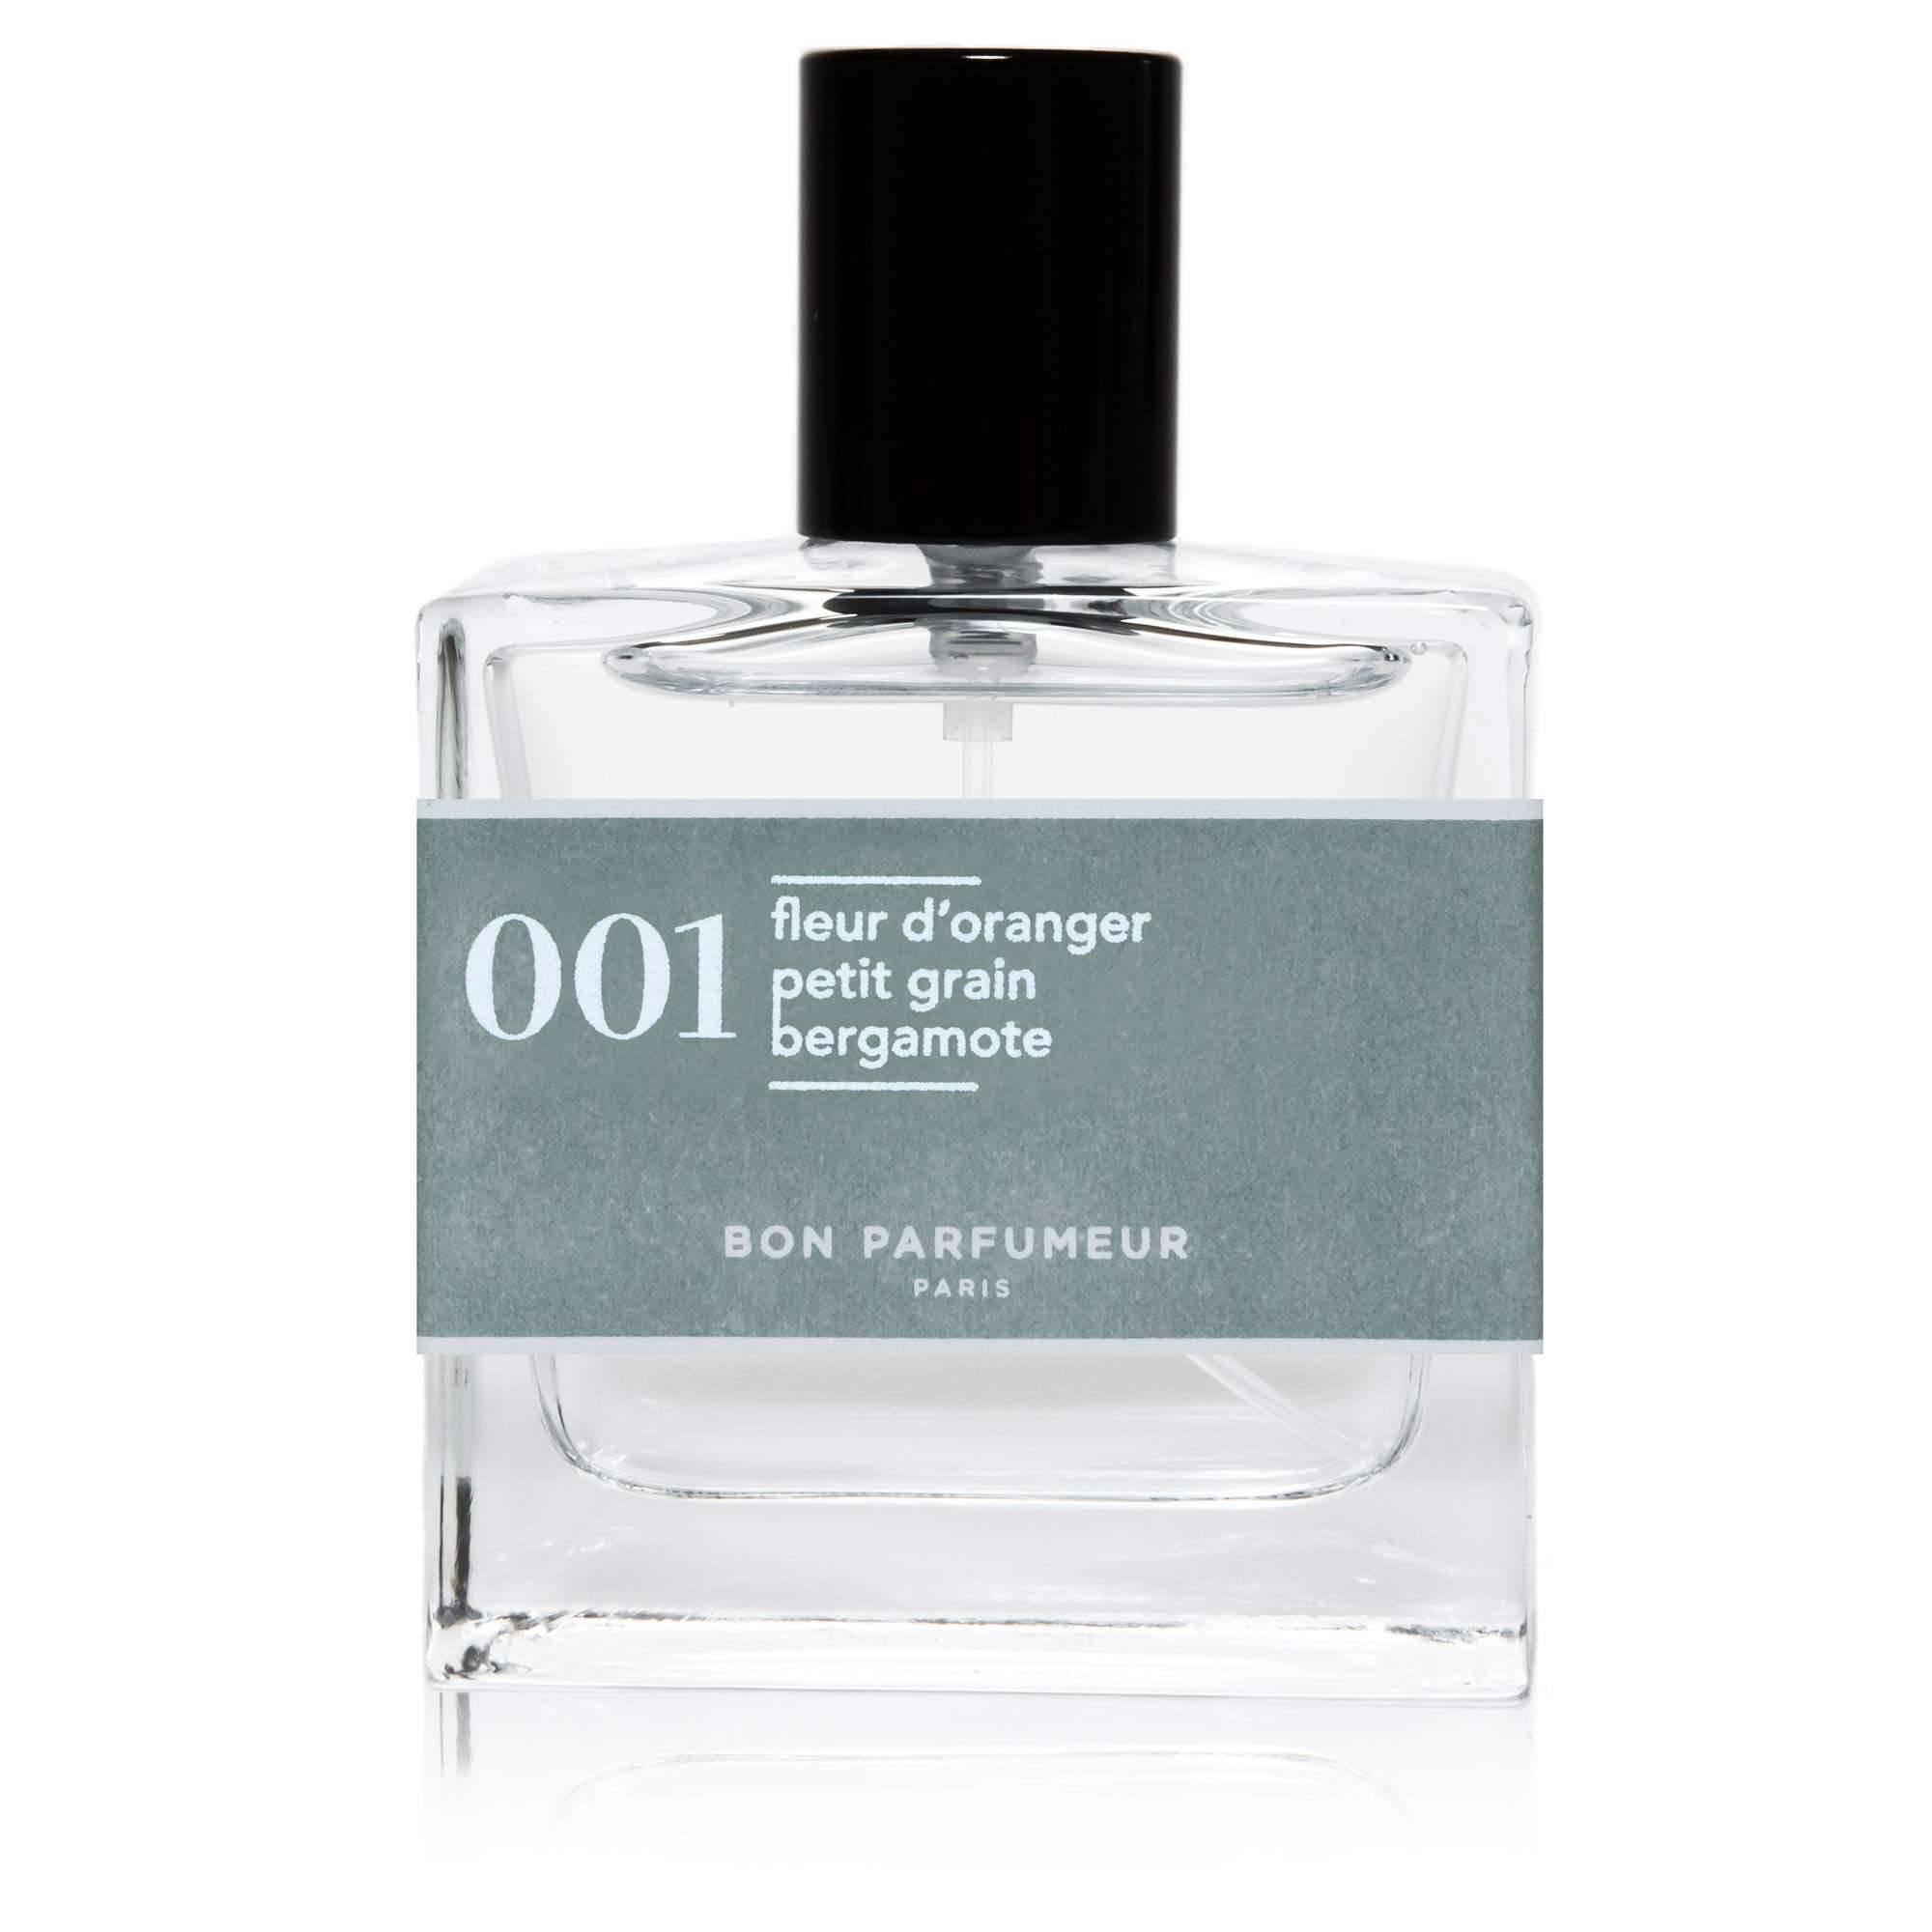 Eau de parfum 001 / Fleur d'Oranger et Bergamote / Bon Parfumeur